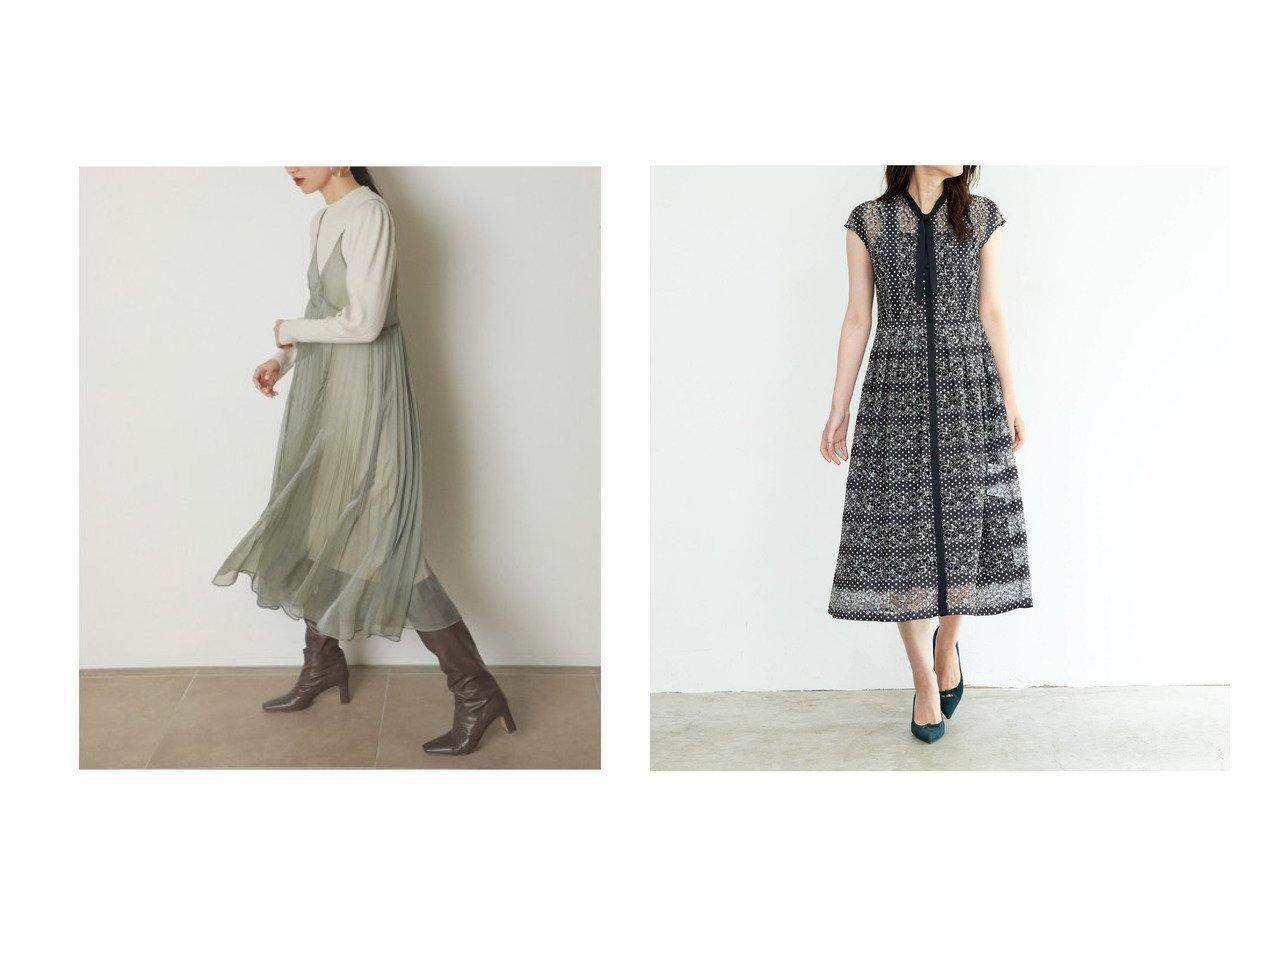 【ANAYI/アナイ】のフラワーレースドットPTタックワンピース&【SNIDEL/スナイデル】のシアーキャミレイヤードニットワンピース ワンピース・ドレスのおすすめ!人気、レディースファッションの通販  おすすめで人気のファッション通販商品 インテリア・家具・キッズファッション・メンズファッション・レディースファッション・服の通販 founy(ファニー) https://founy.com/ ファッション Fashion レディース WOMEN ワンピース Dress ニットワンピース Knit Dresses インナー キャミ キャミソール 今季 シアー スマート スリーブ トレンド 定番 人気 バランス ベーシック ミックス ストライプ ドット フィット フェミニン フレア フレンチ プリント レース 無地  ID:crp329100000004274